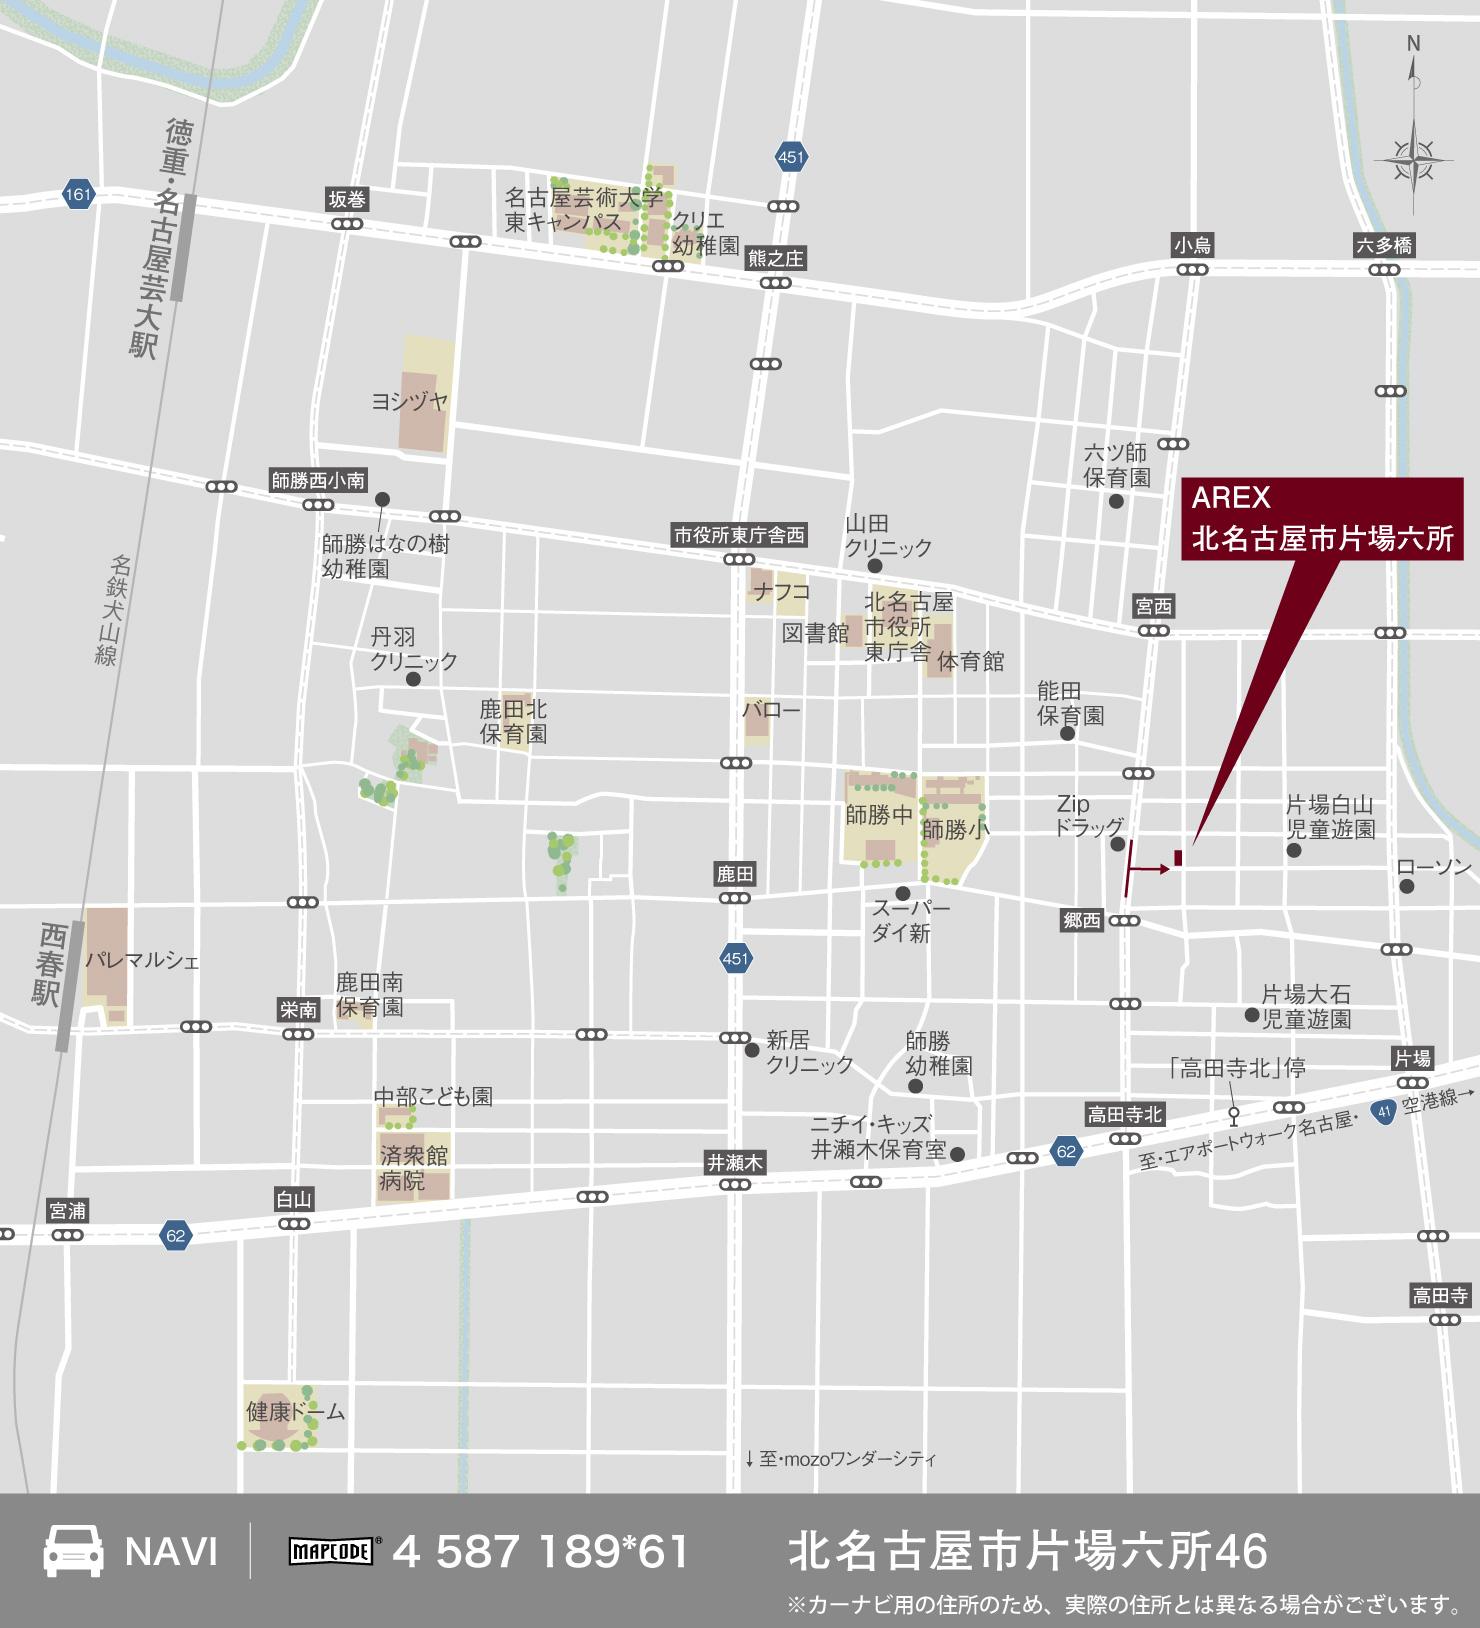 3_地図_北名古屋市片場六所